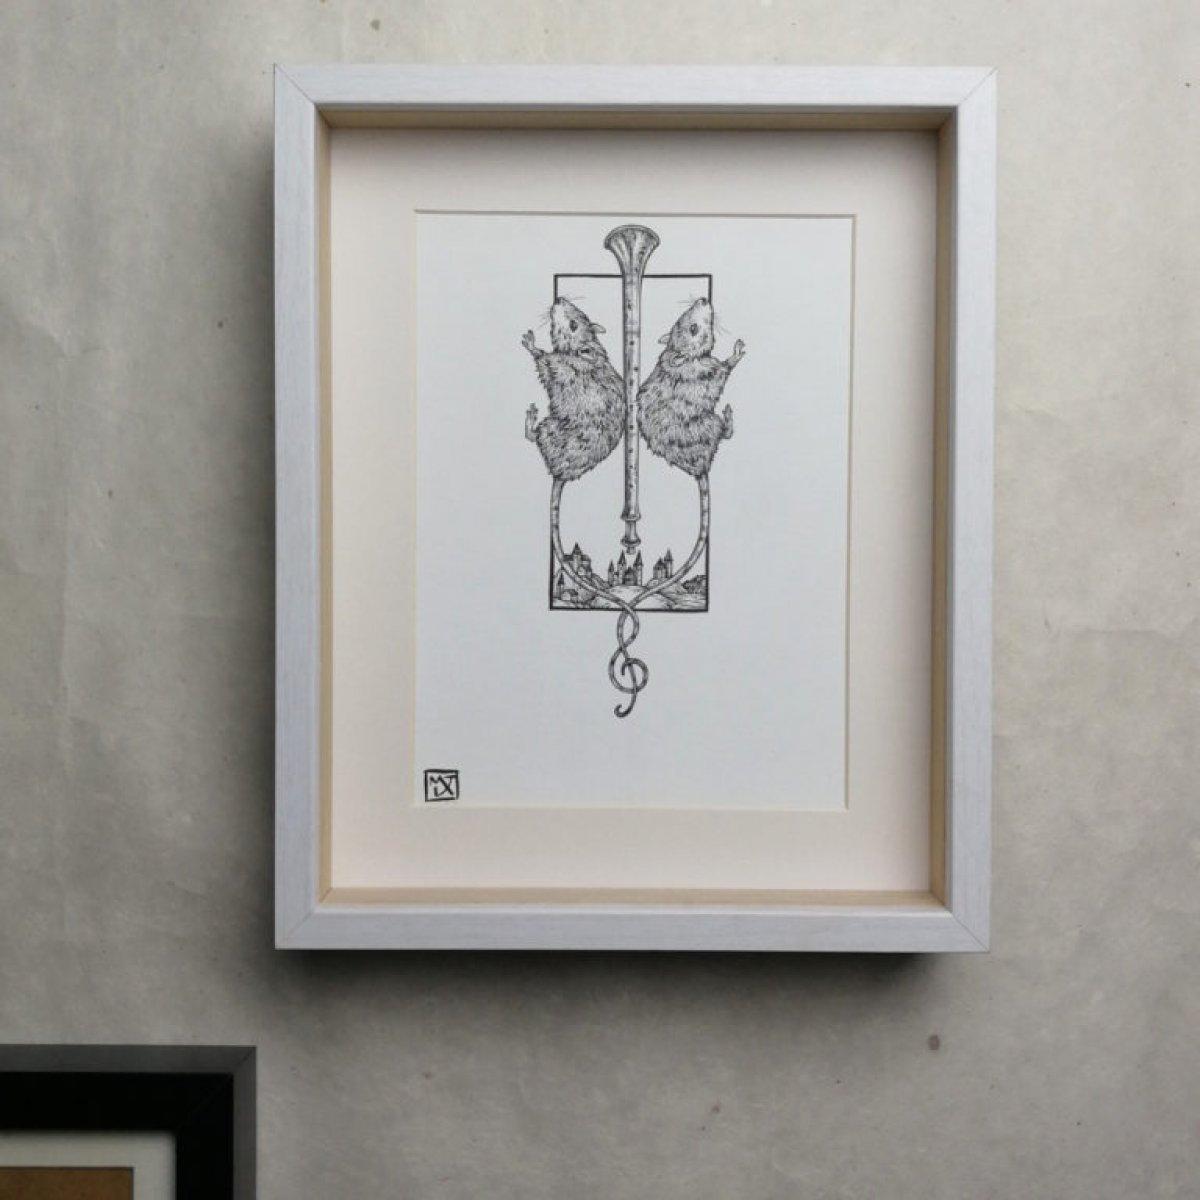 Hamelin, dessin au feutre noir sur papier 220 grammes.